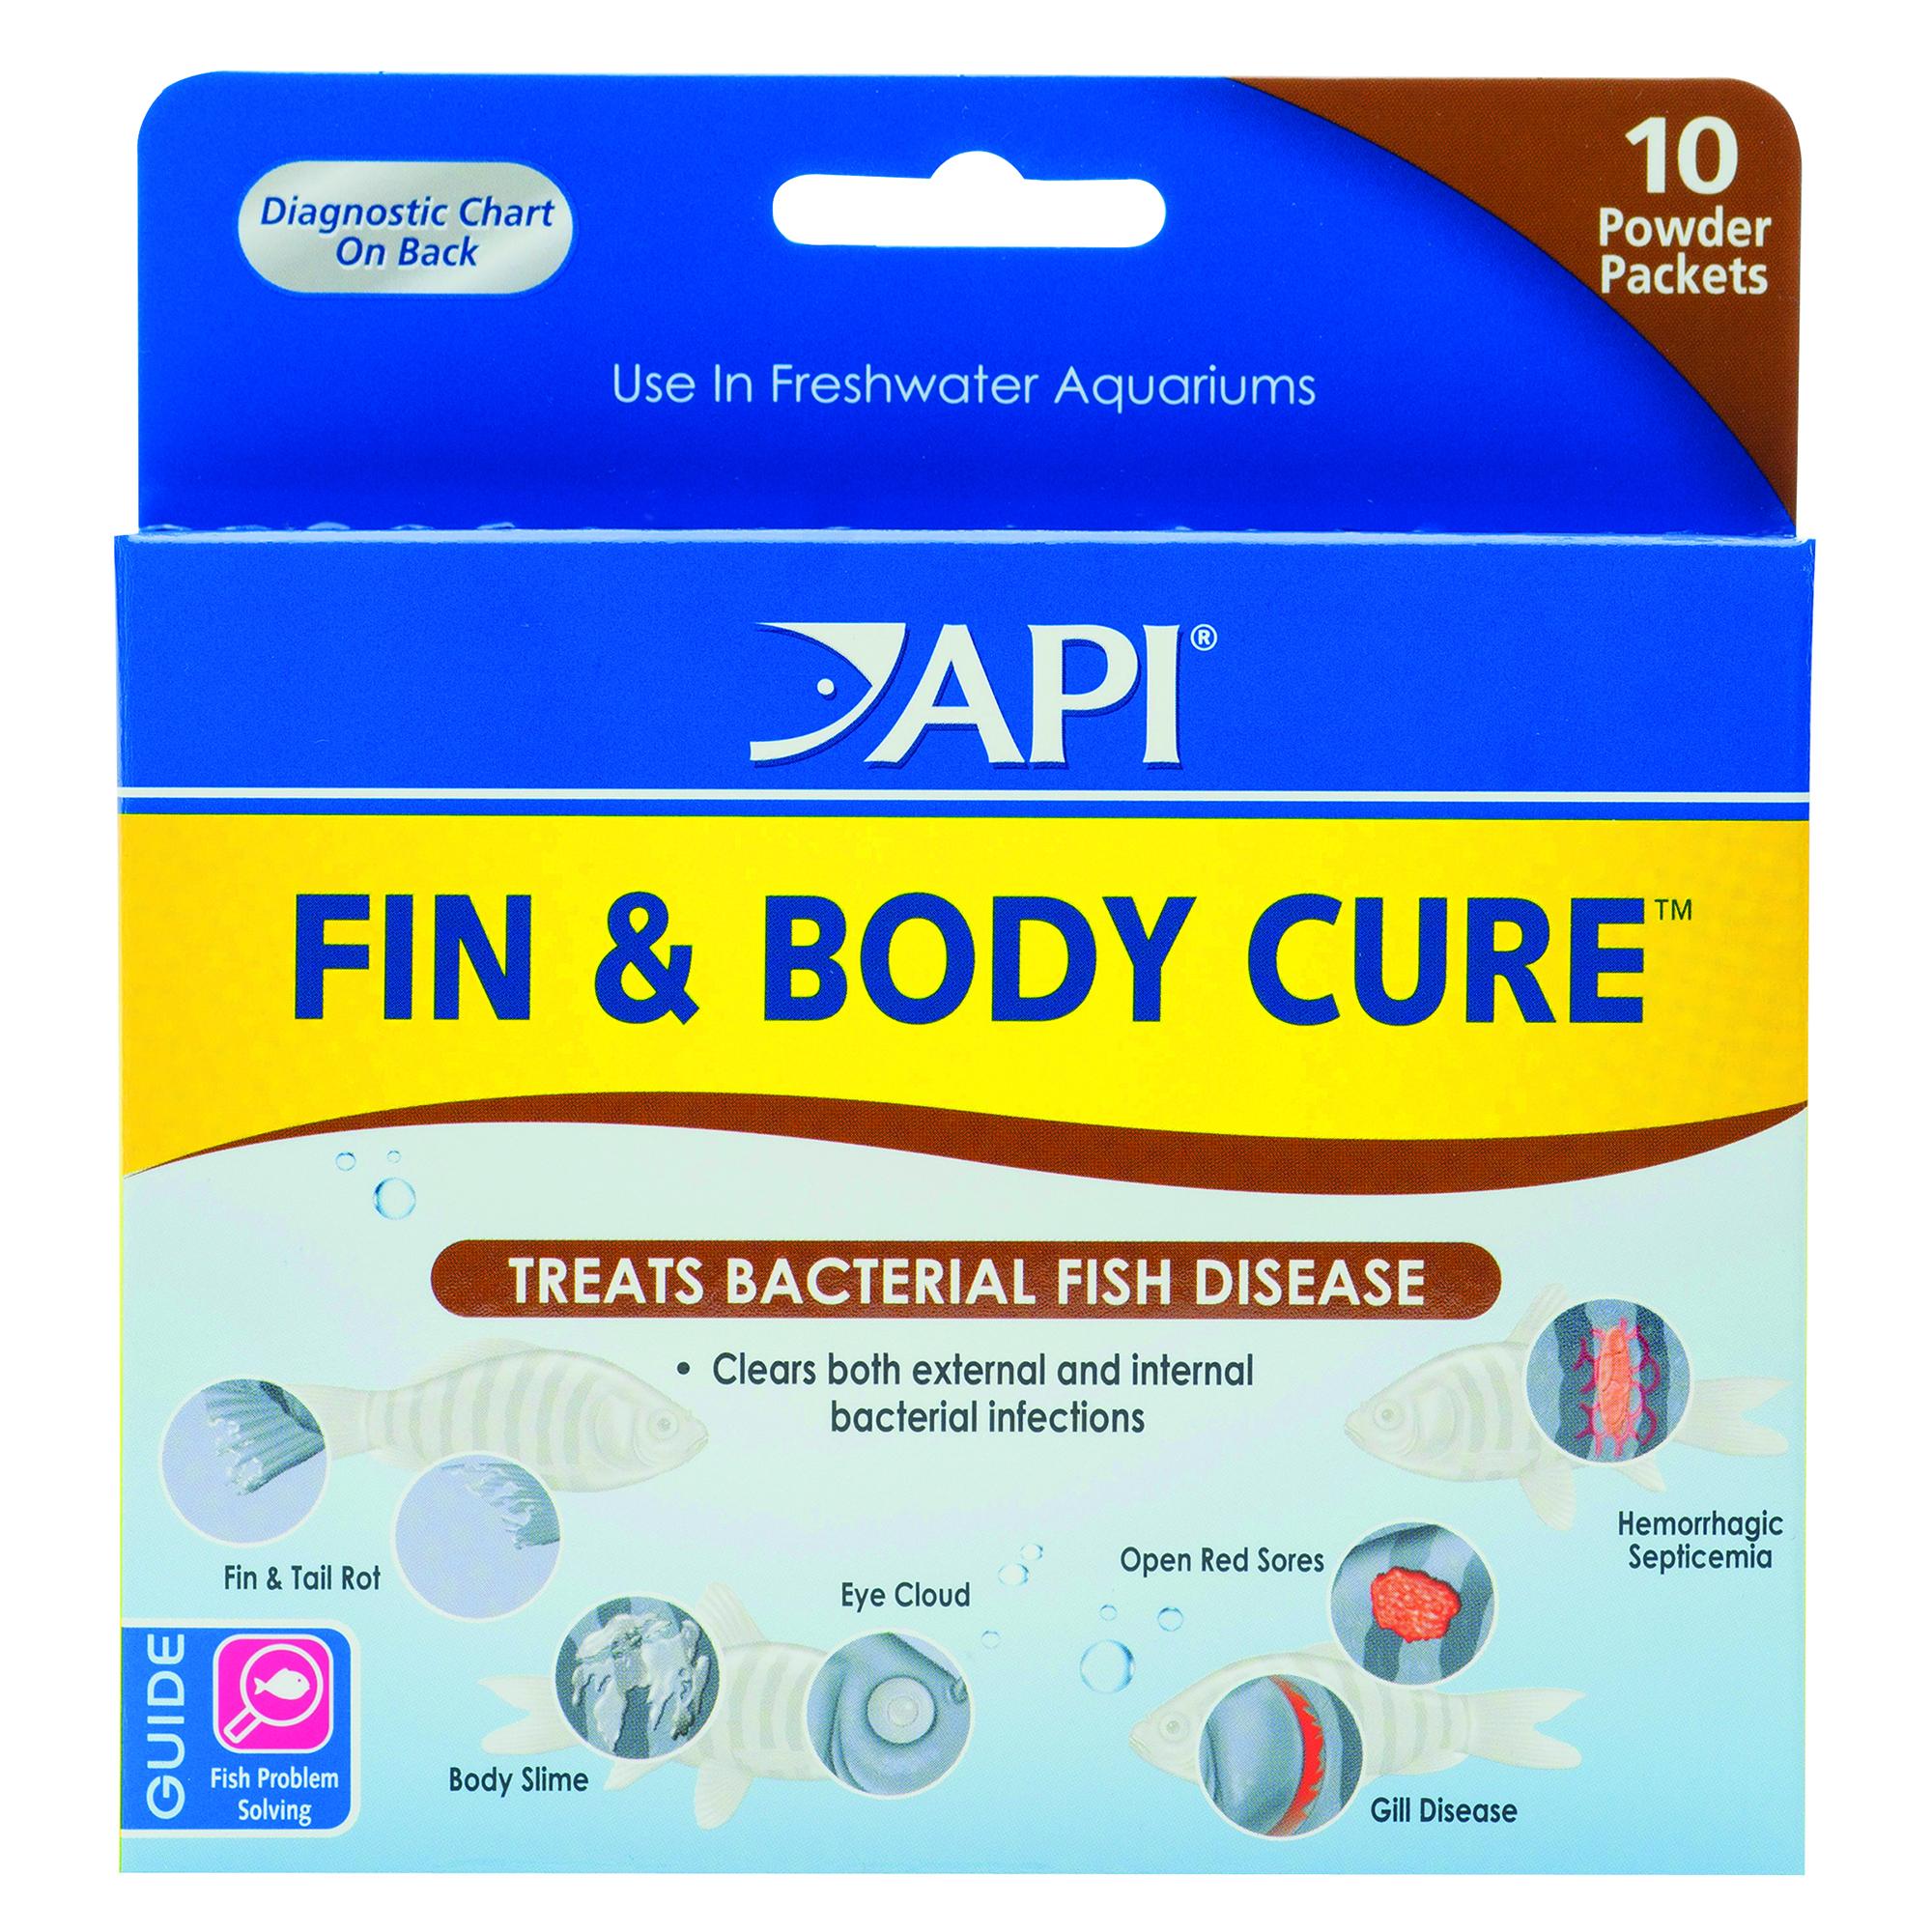 FIN & BODY CURE™